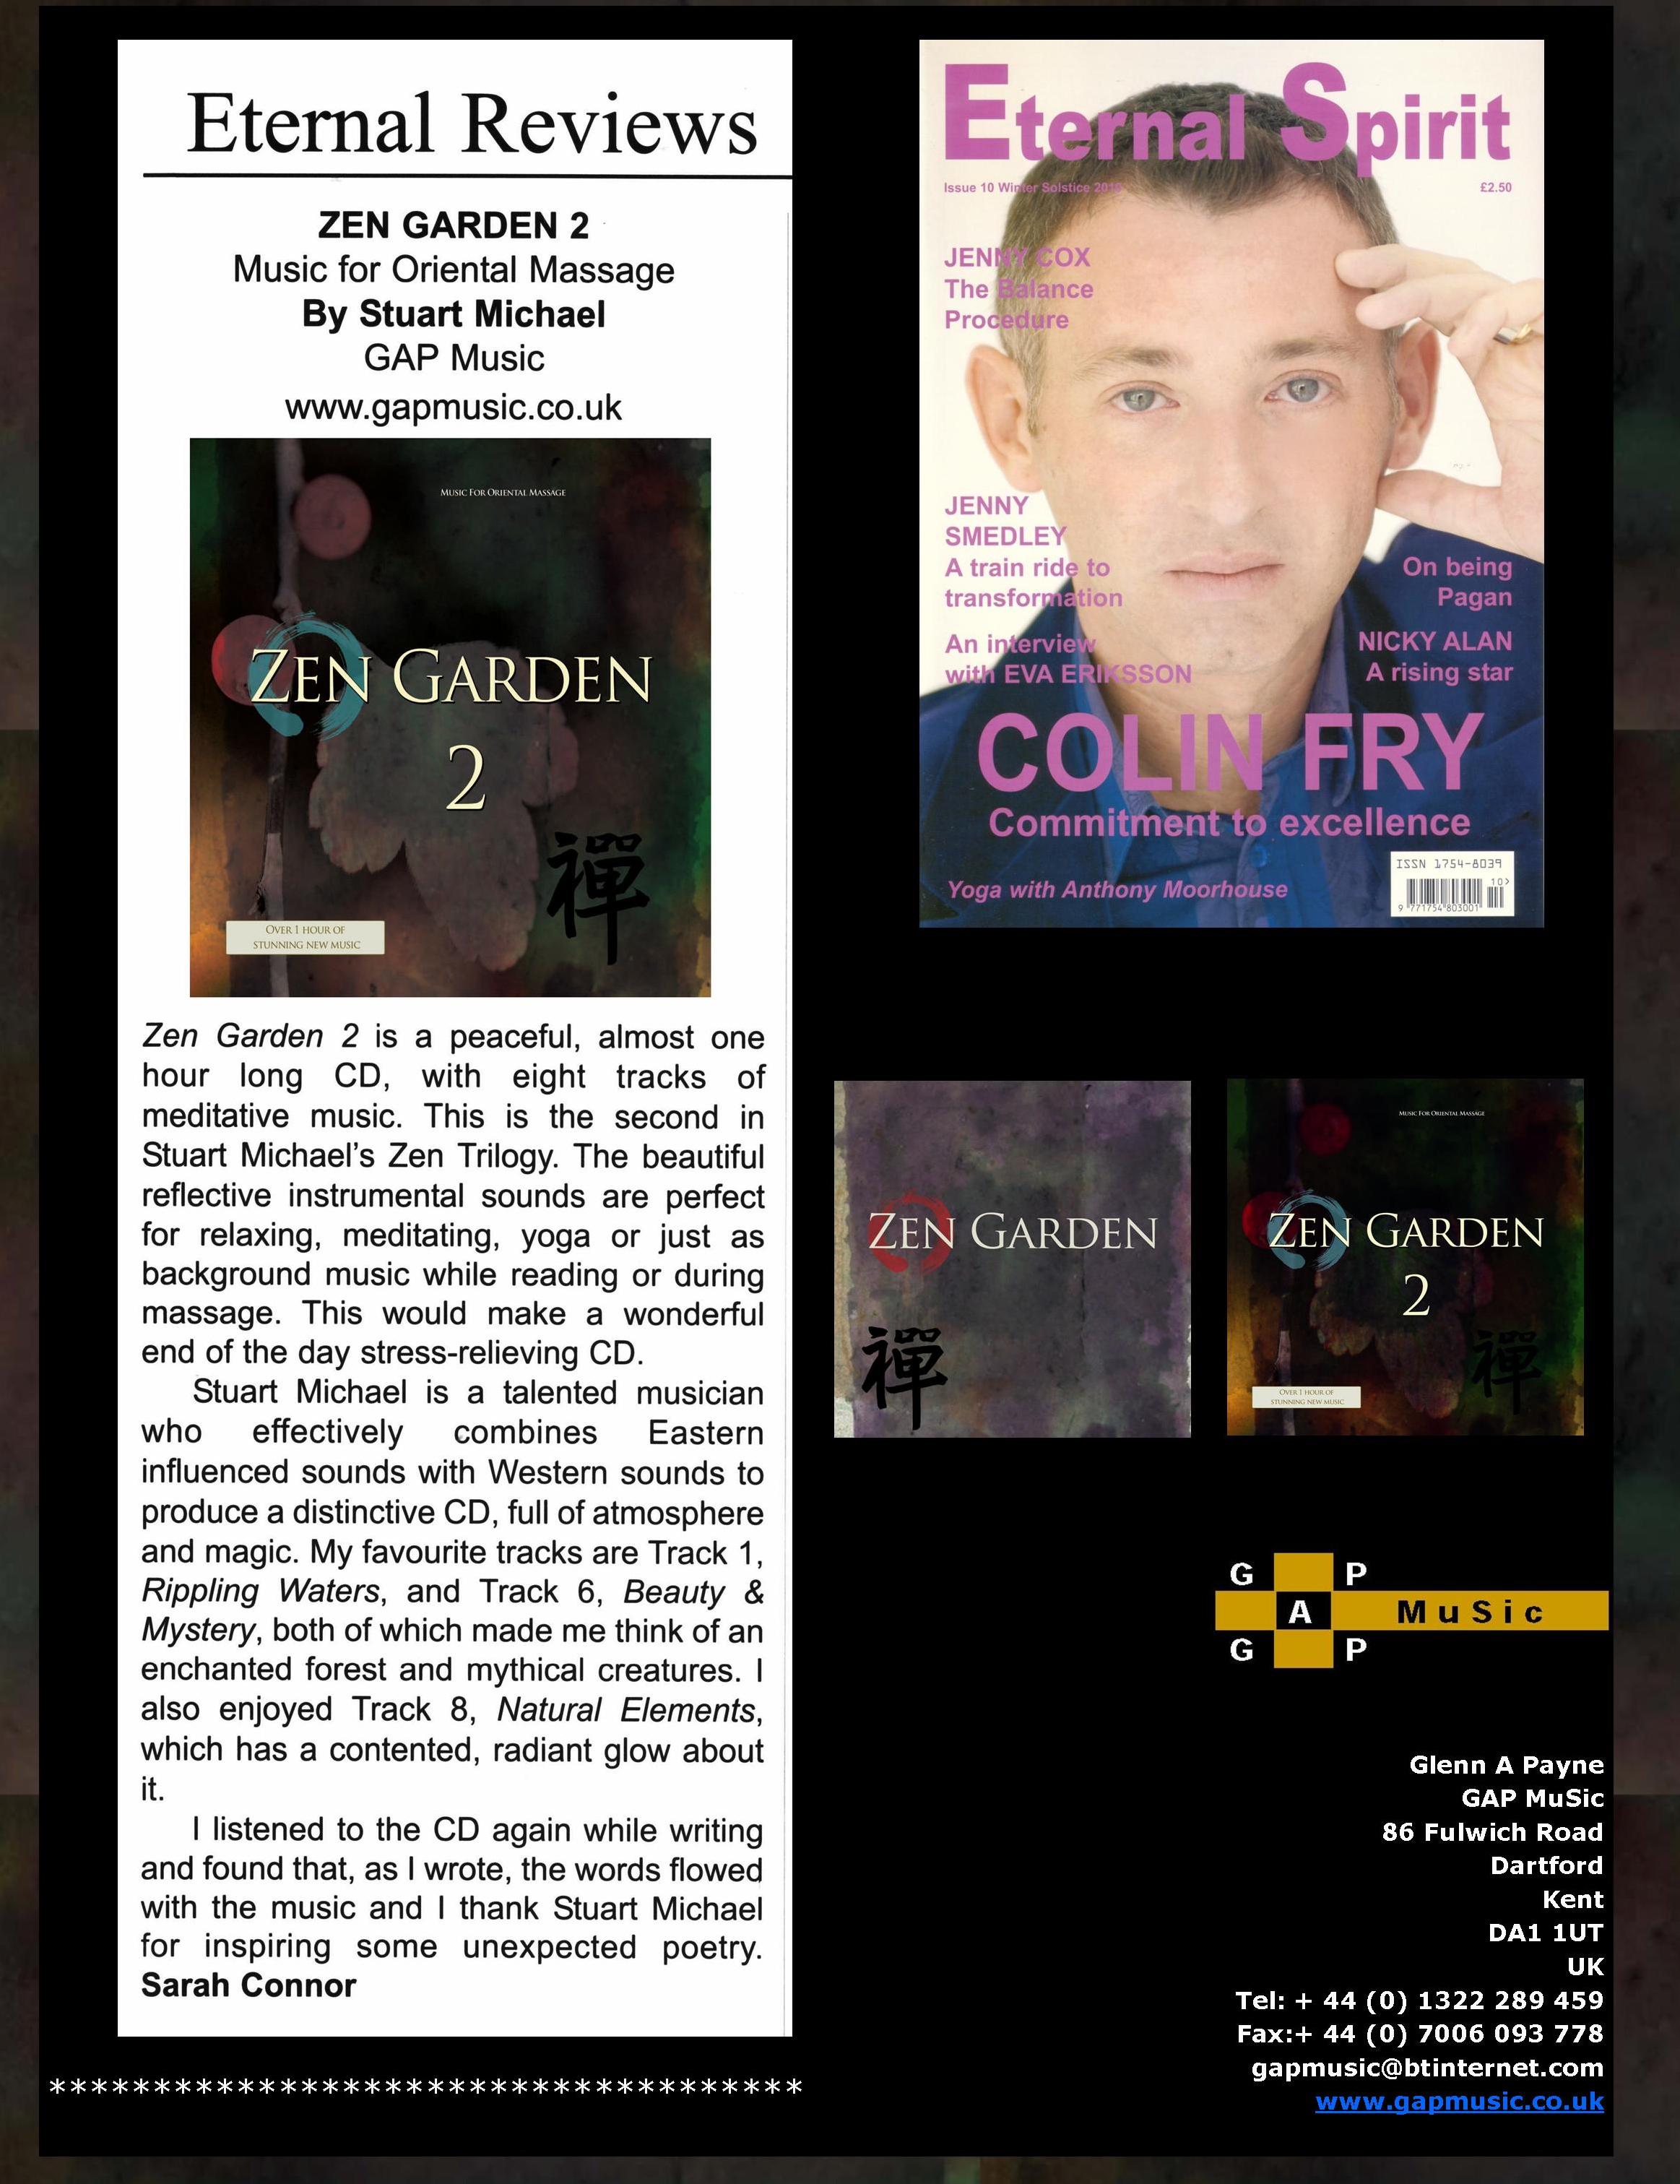 Zen Garden 2 - Eternal Spirit Magazine Magazine